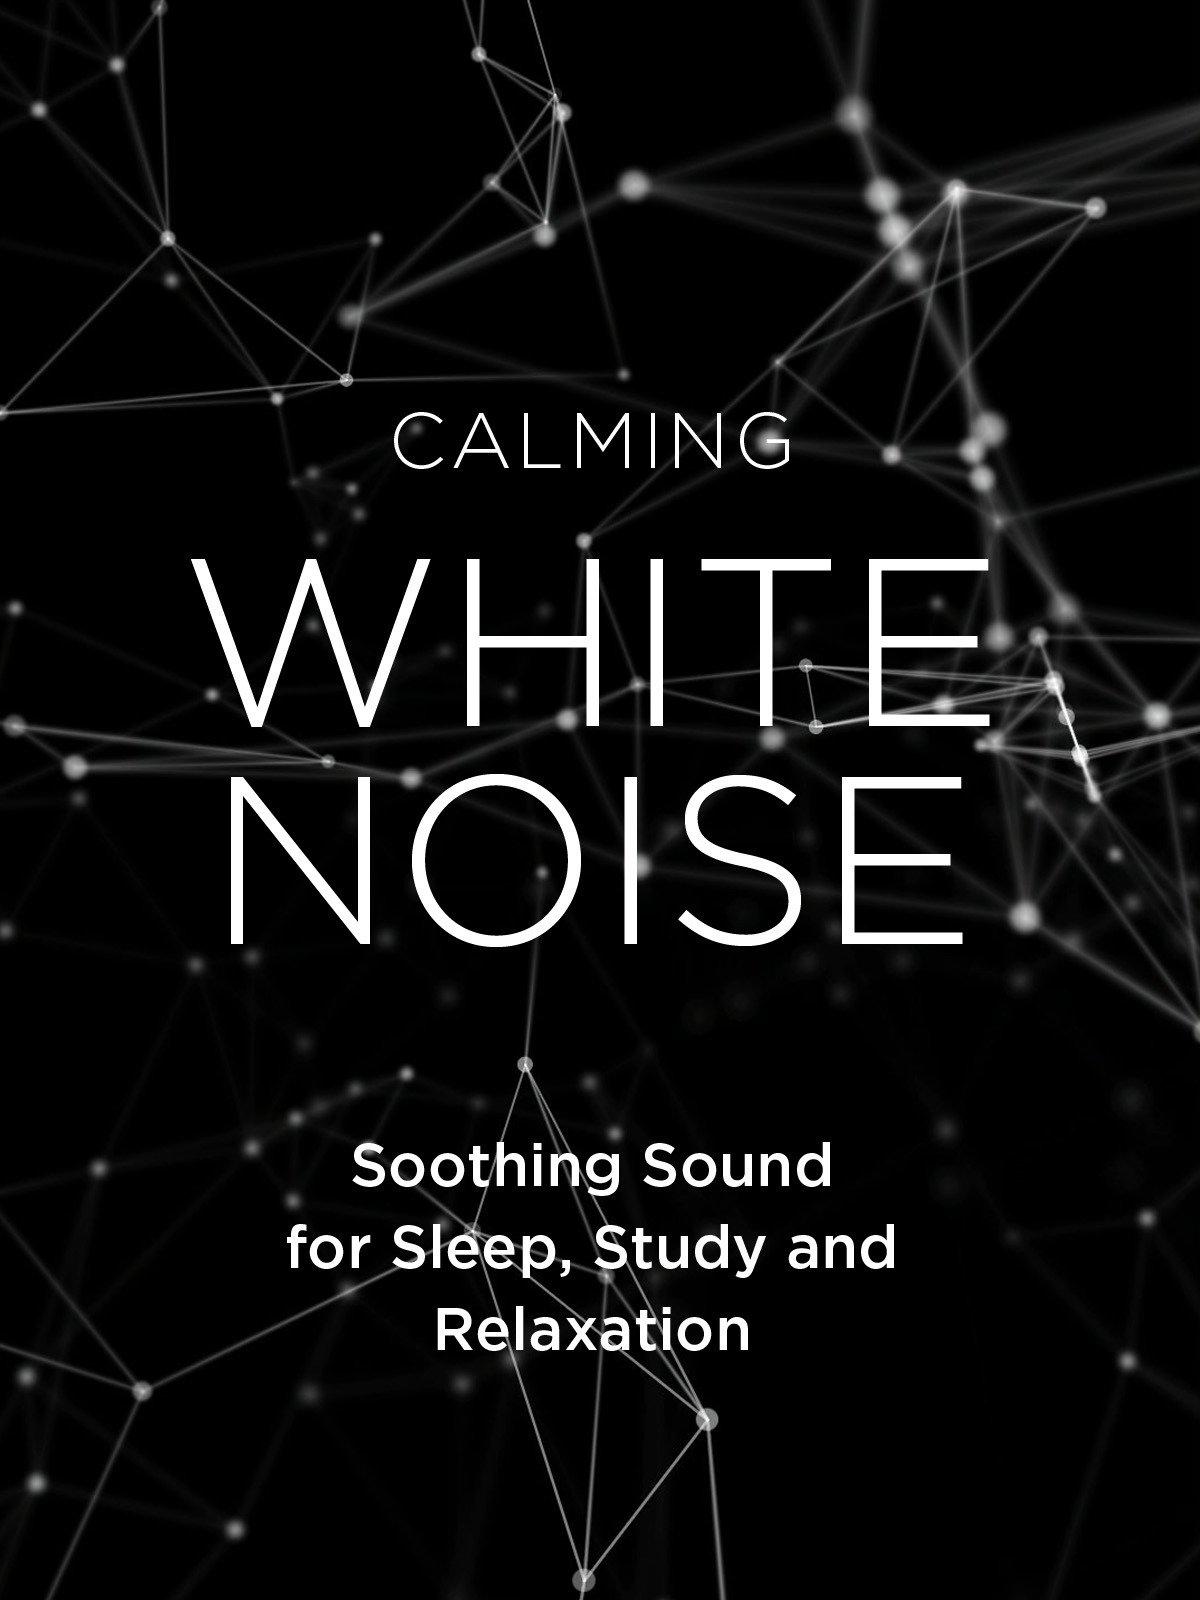 Calming White Noise